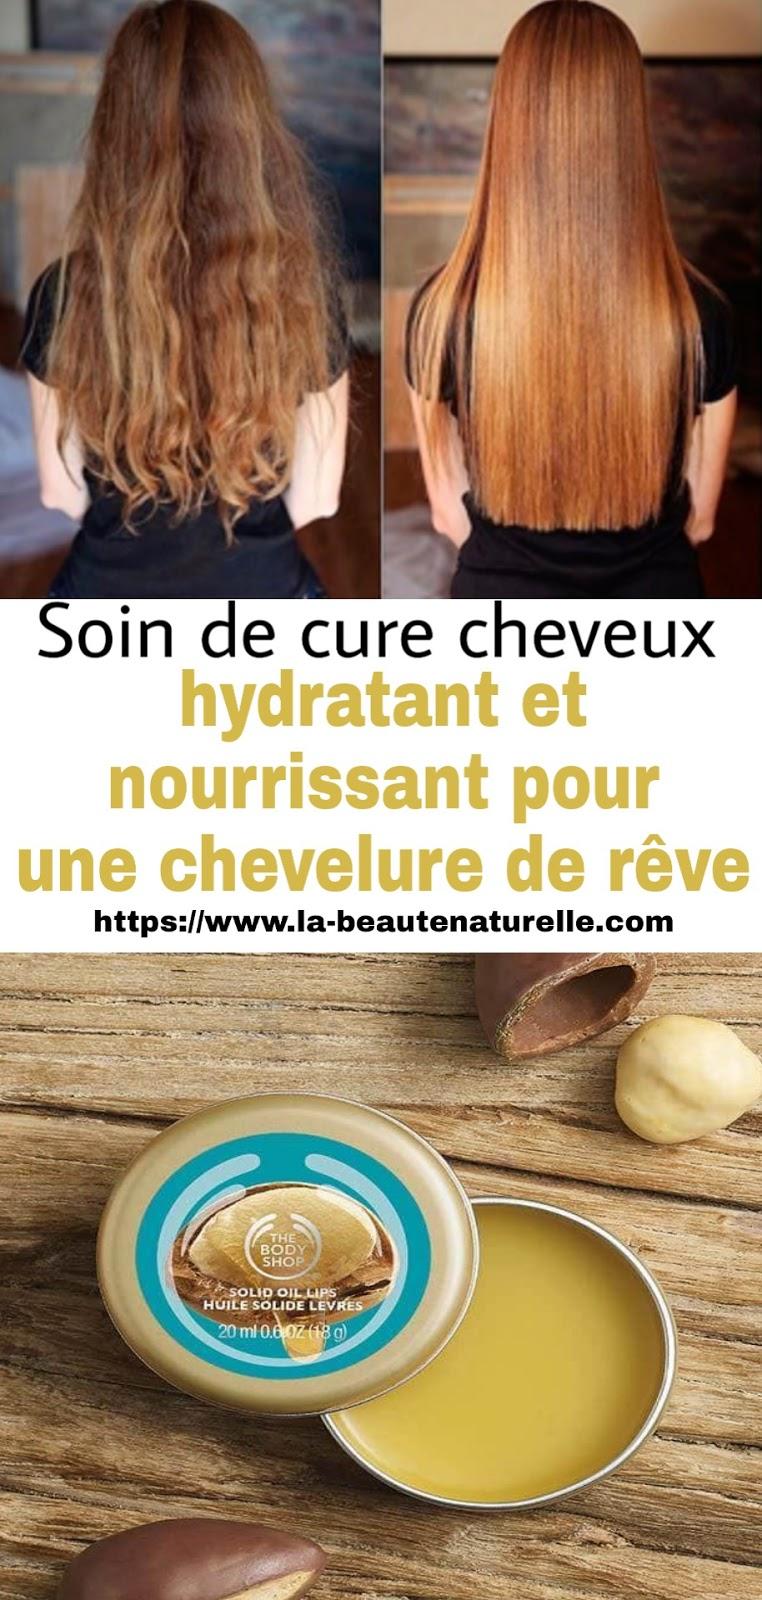 Soin de cure cheveux hydratant et nourrissant pour une chevelure de rêve